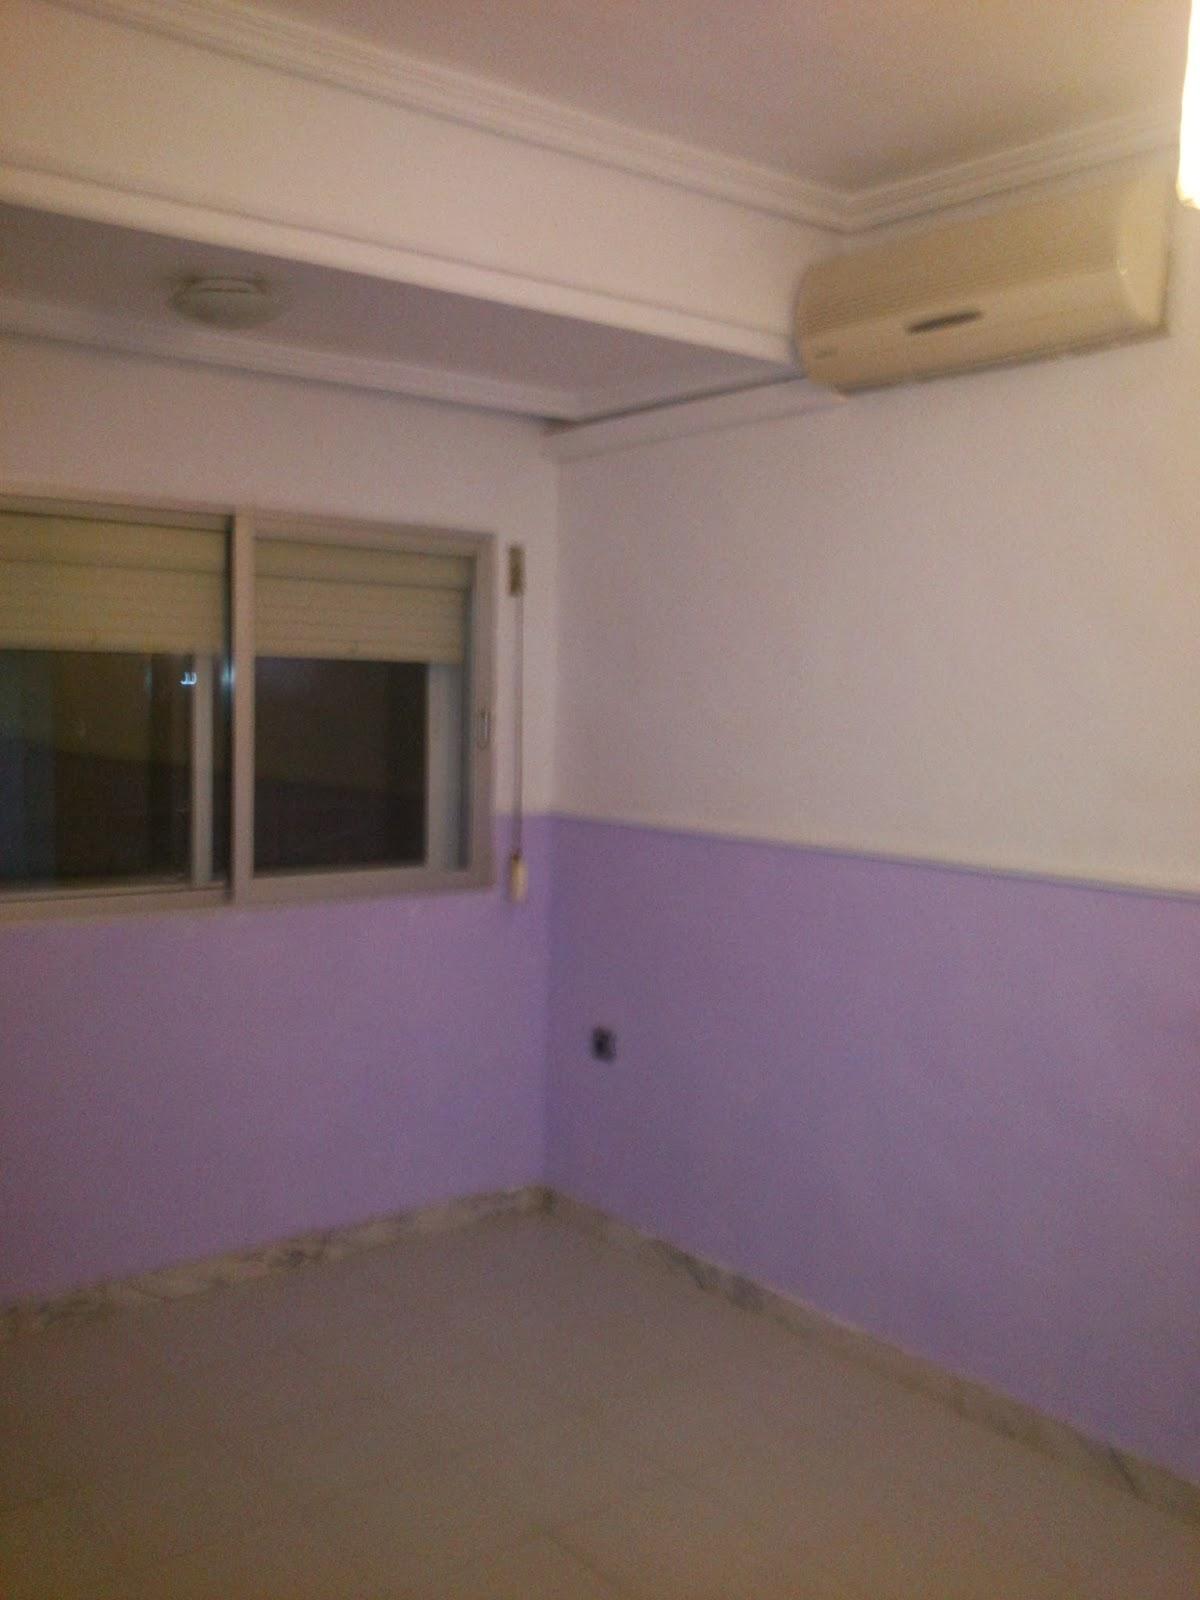 Acticasa gestiones inmobiliarias pisos en alquiler en san for Pisos alquiler san roque